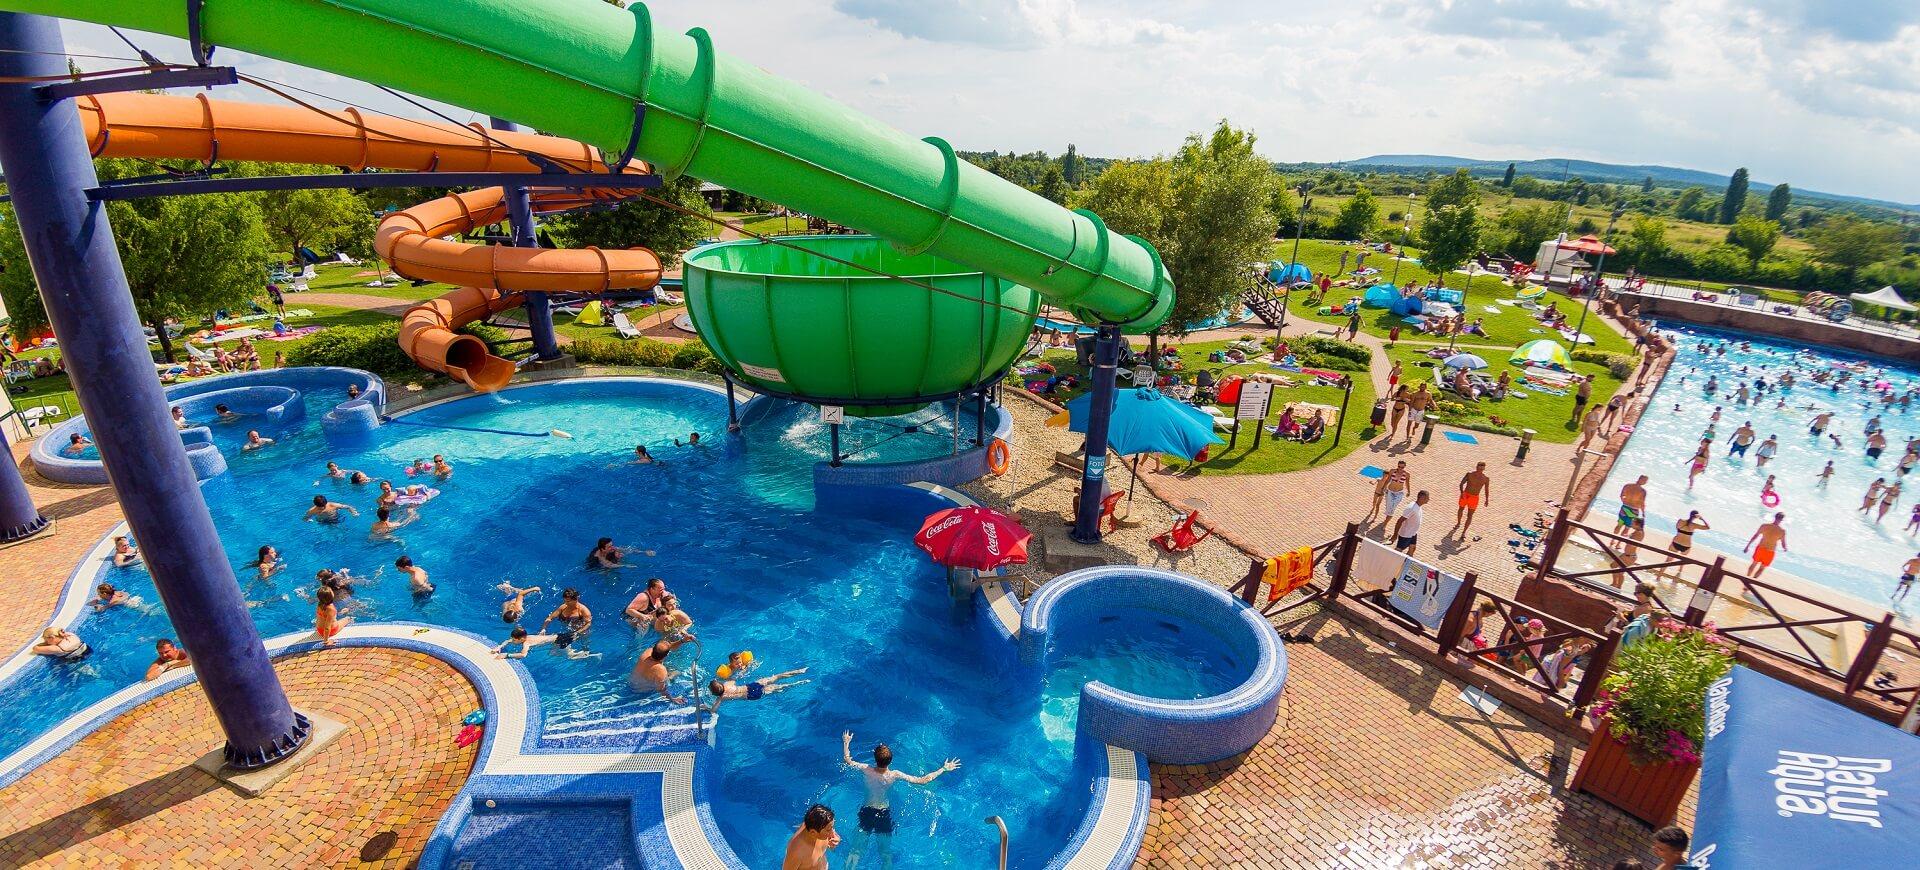 Annagora Aquapark márkakommunikáció